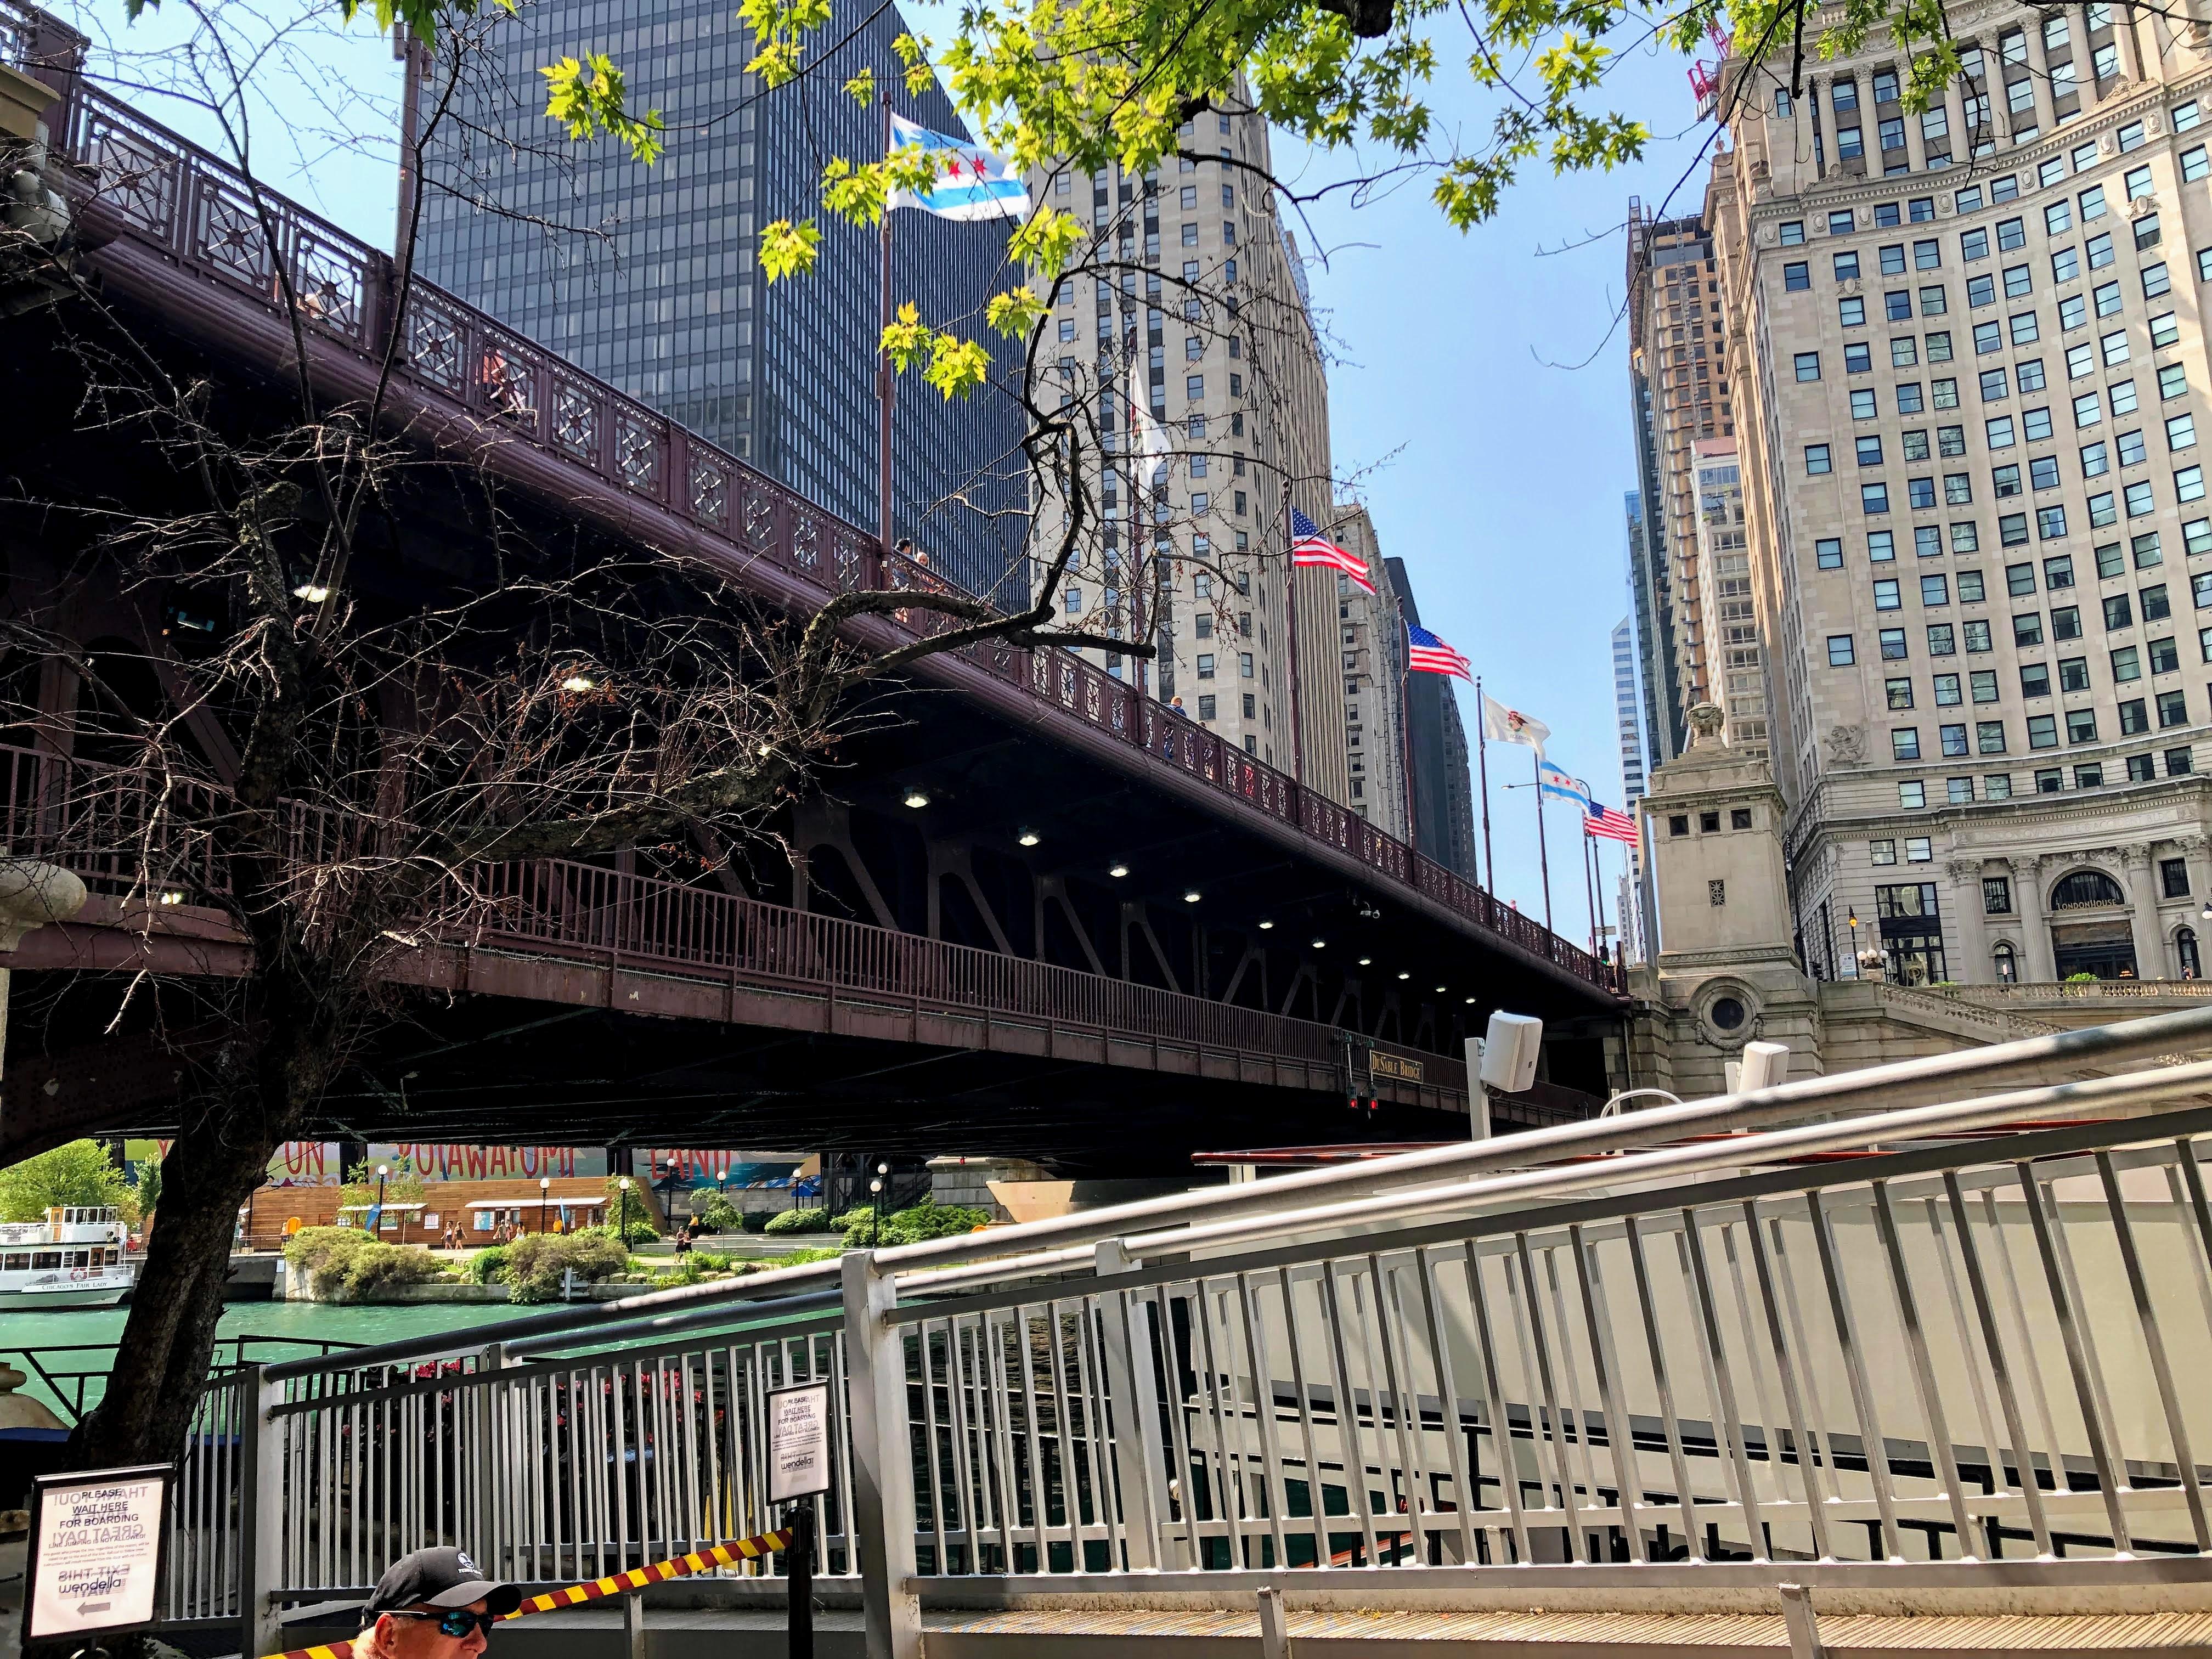 Dusable Bridge